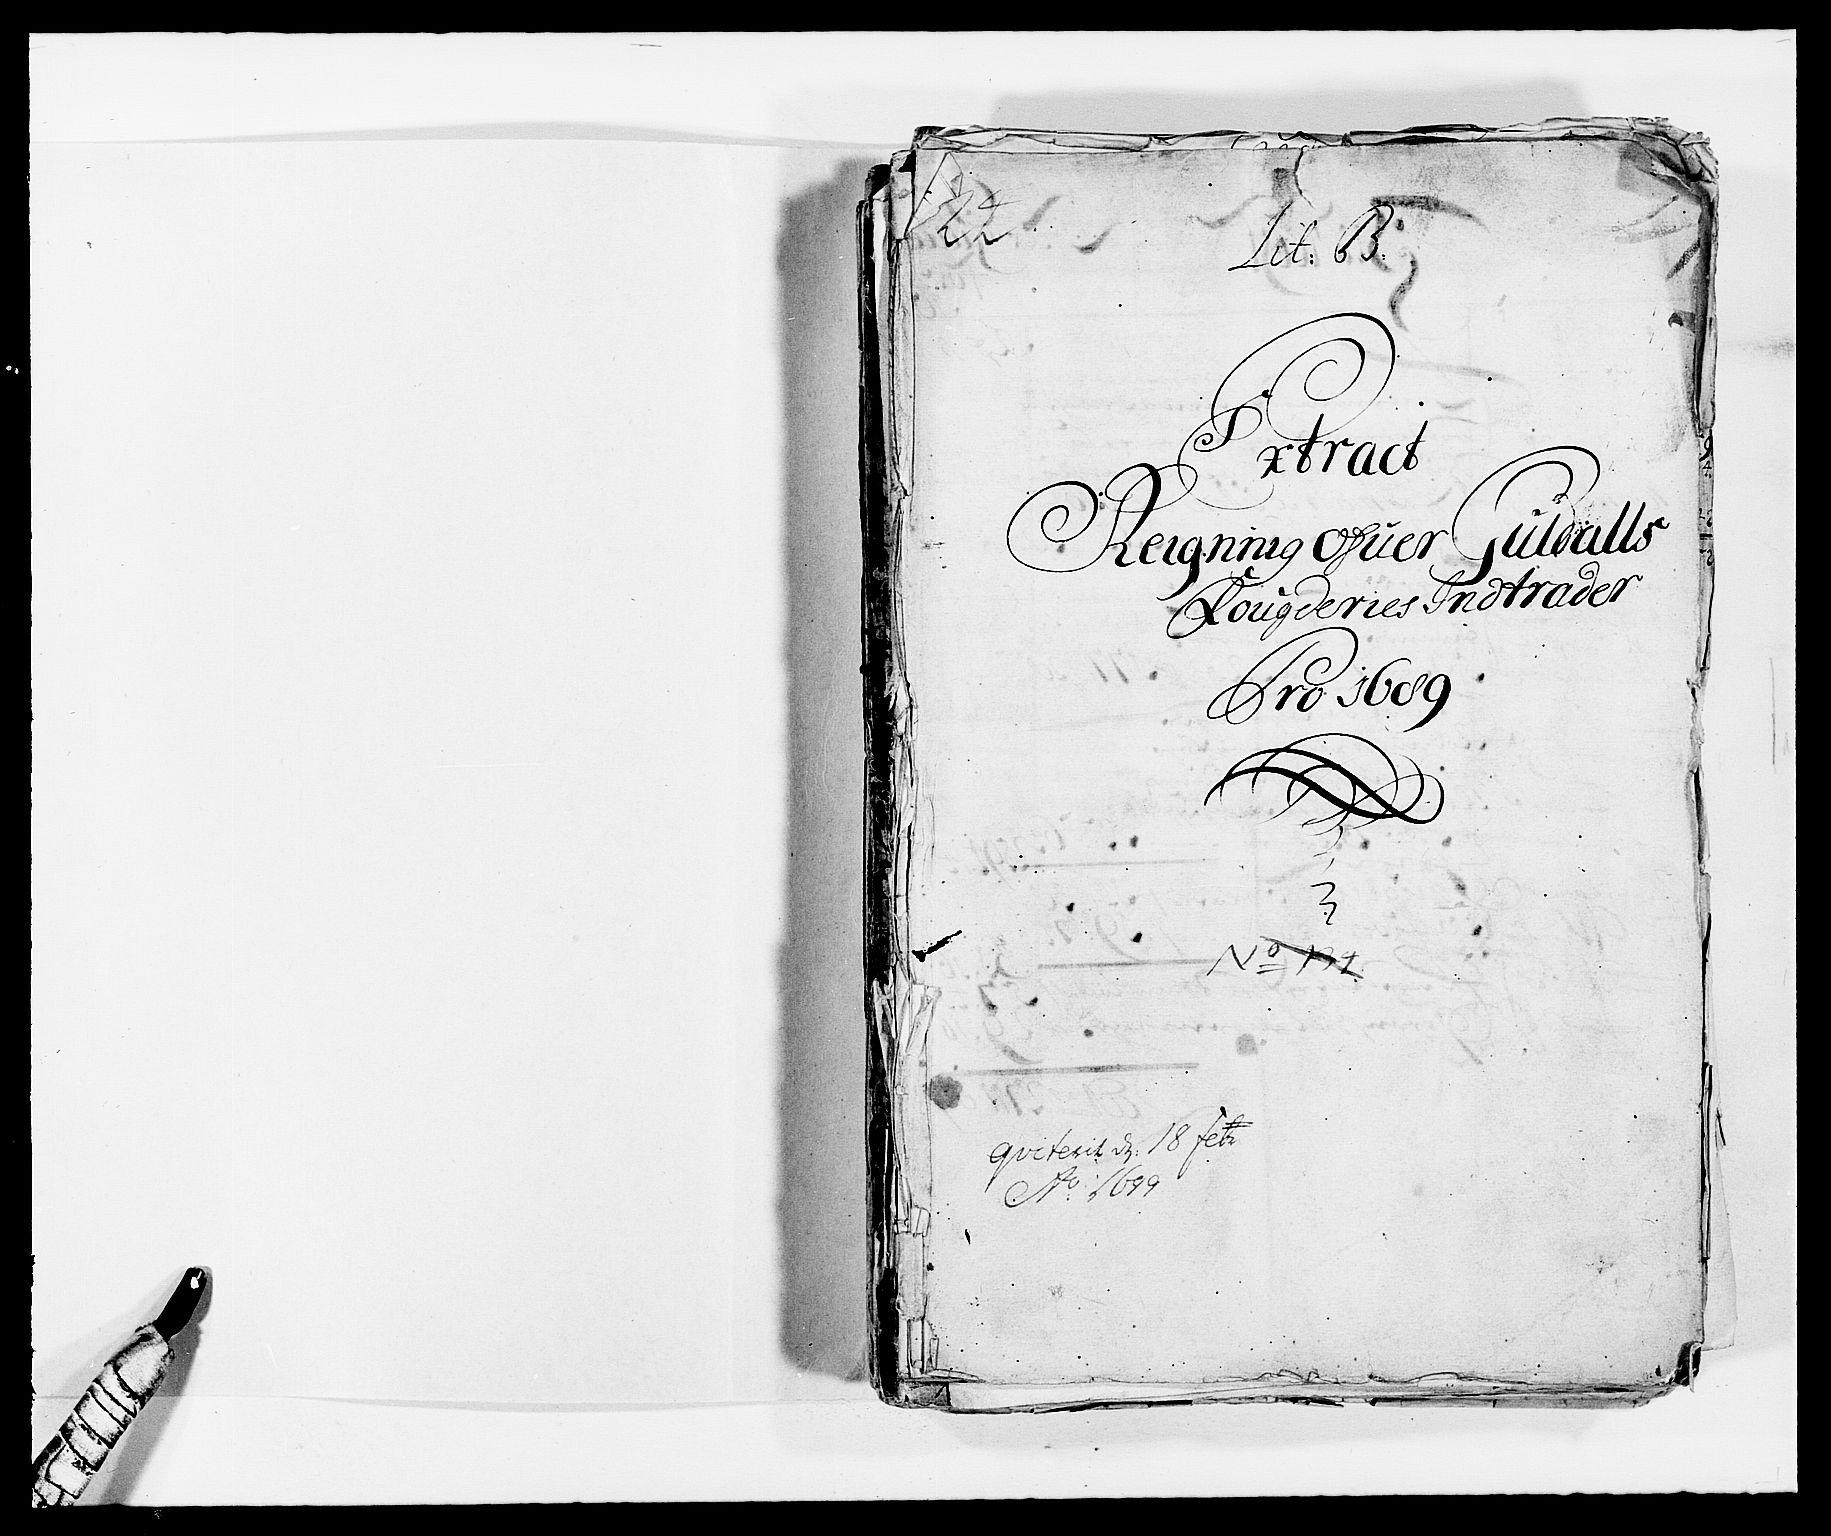 RA, Rentekammeret inntil 1814, Reviderte regnskaper, Fogderegnskap, R59/L3940: Fogderegnskap Gauldal, 1689-1690, s. 2